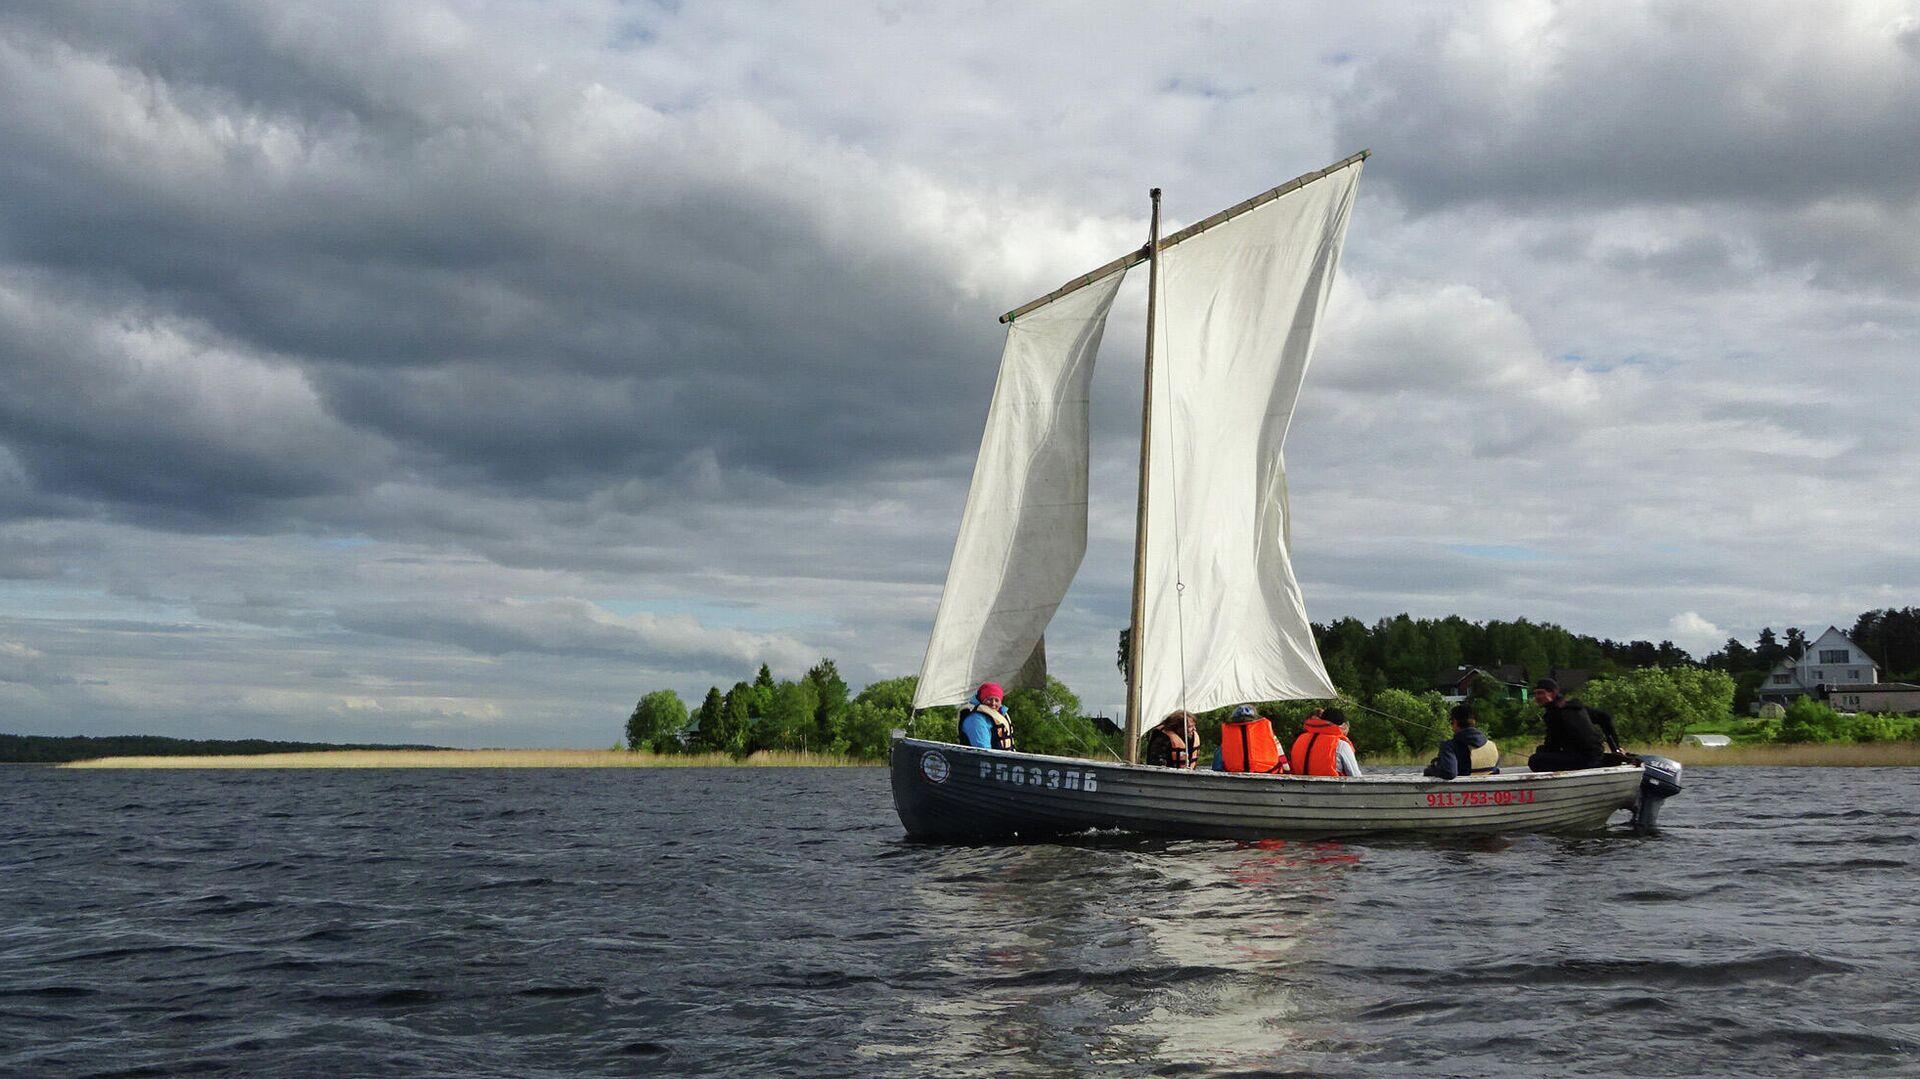 Лодка на Себежском озере - РИА Новости, 1920, 12.06.2021